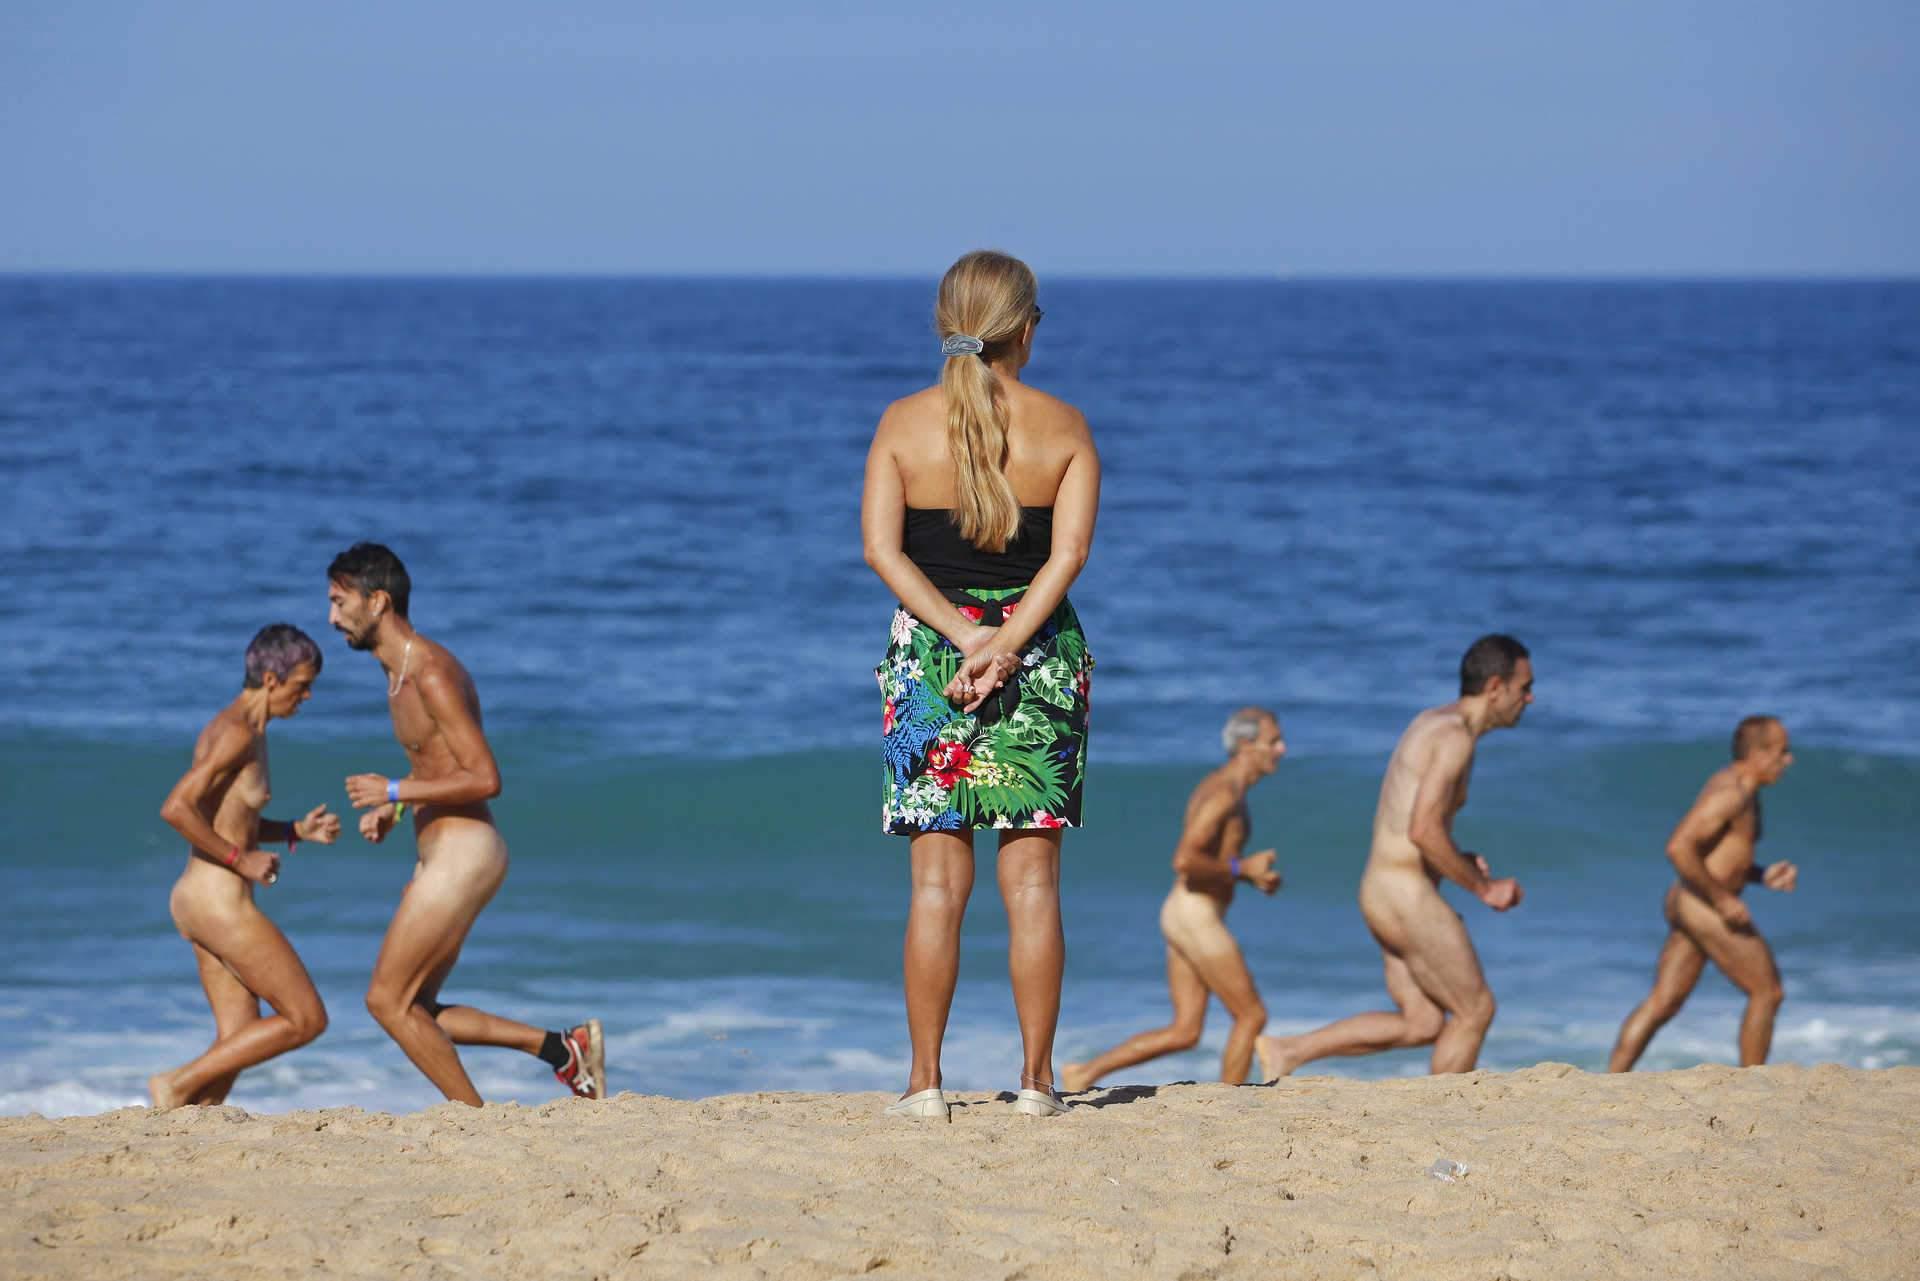 jn classificados relax praia sexo